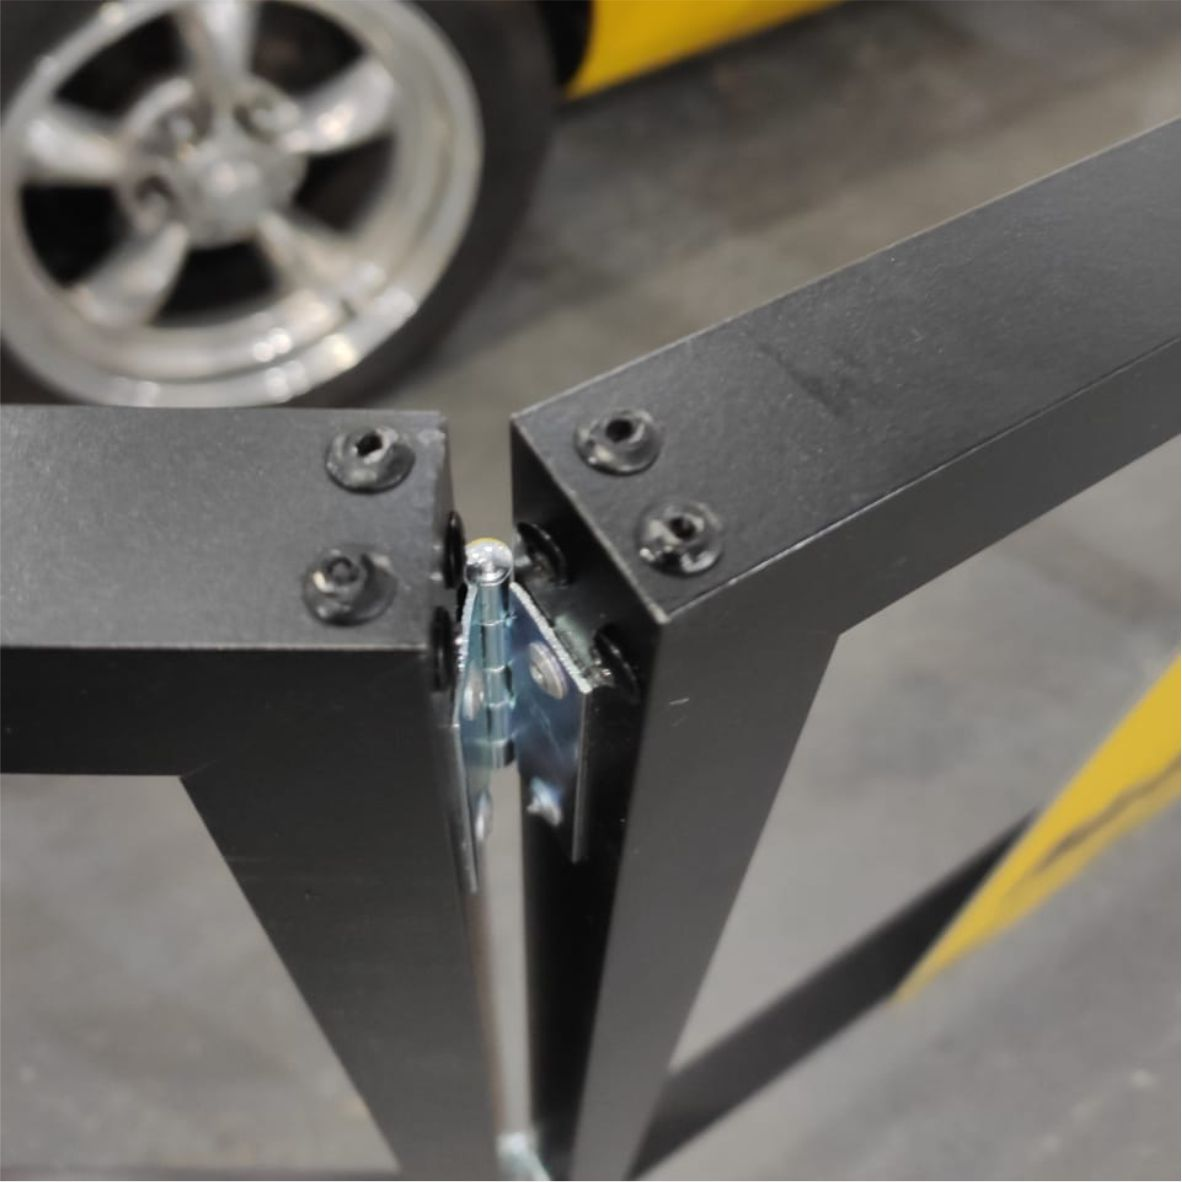 Cavalete biombo - Não encoste neste biombo  - Towbar Sinalização de Segurança